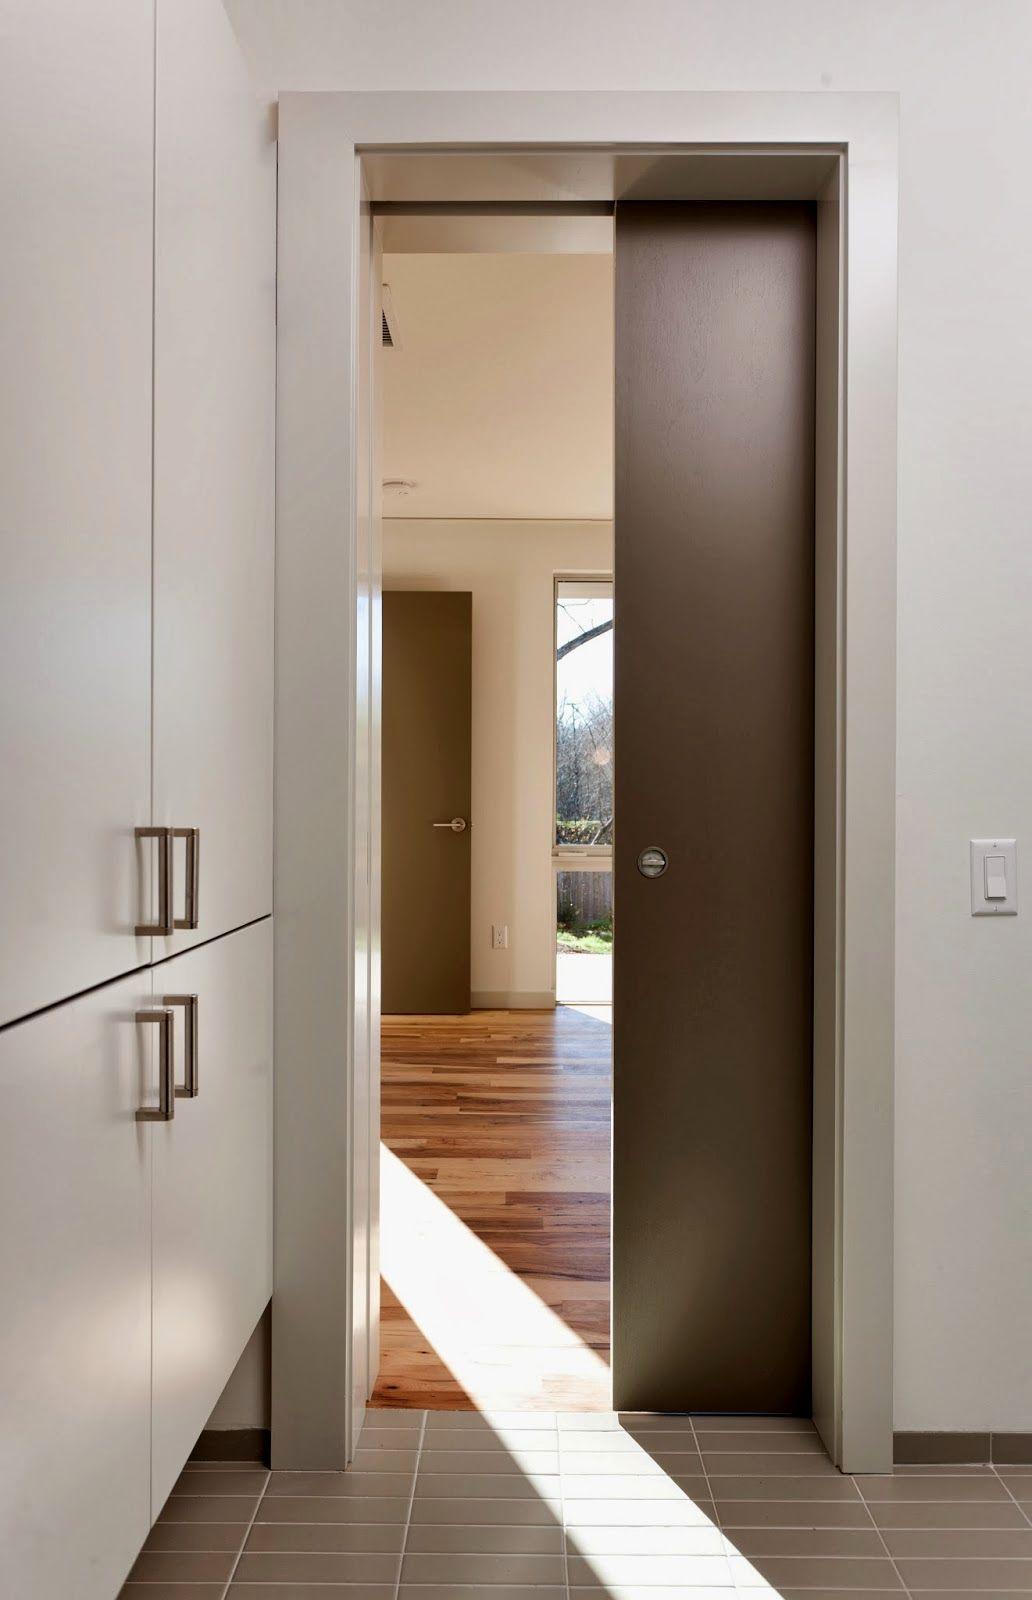 terrific sliding bathroom door collection-Best Of Sliding Bathroom Door Portrait